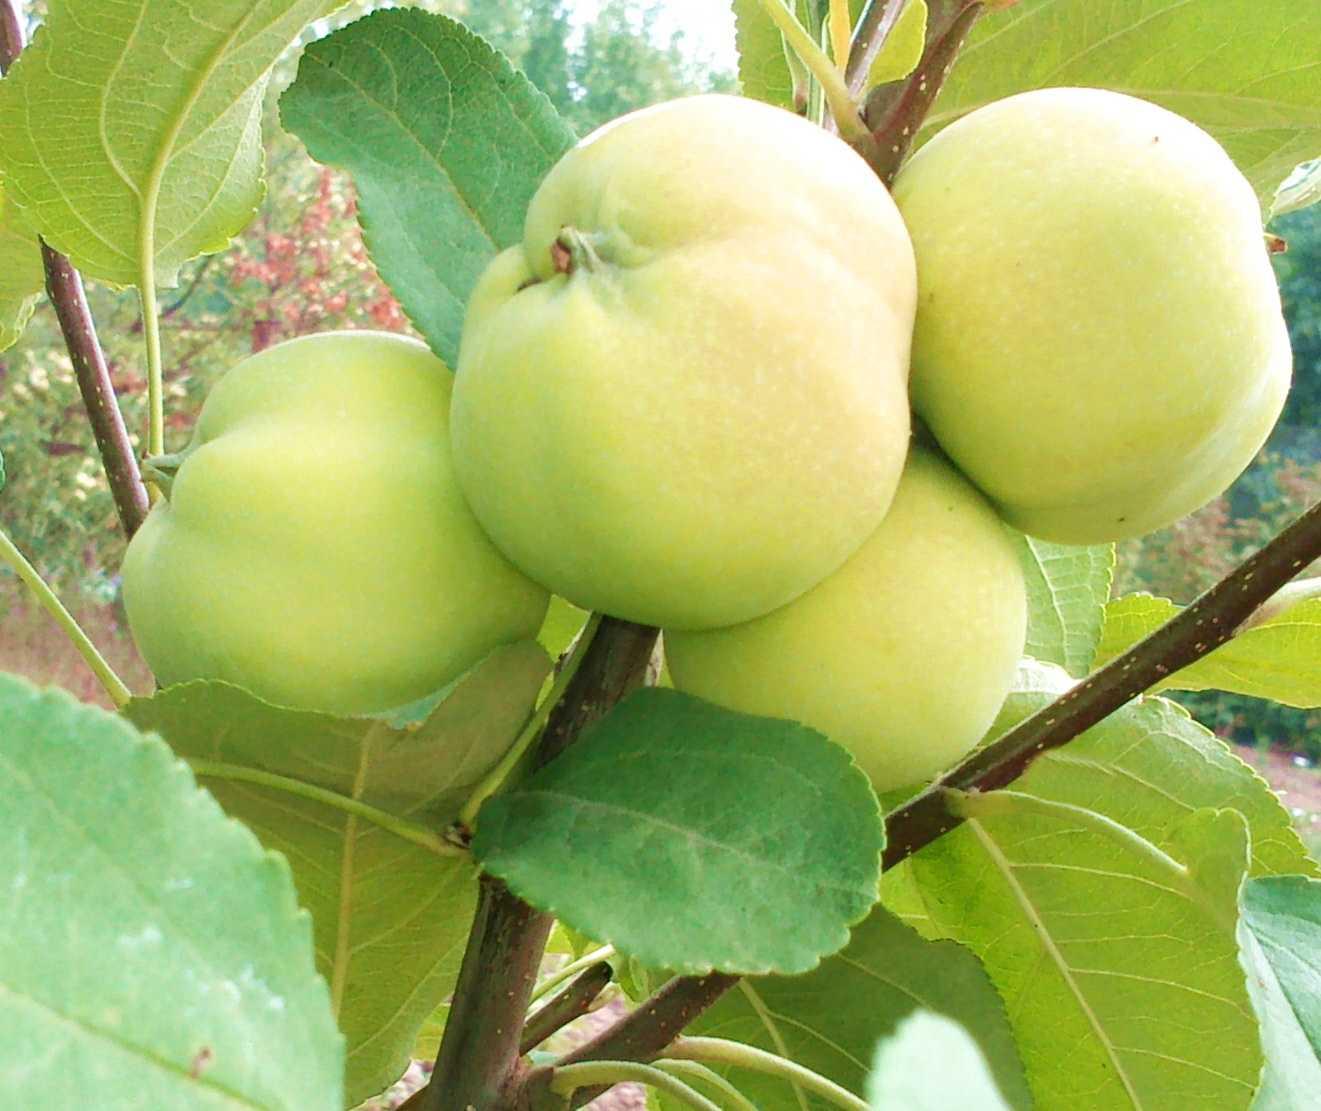 яблоня медовая фото описание ветчиной сыром